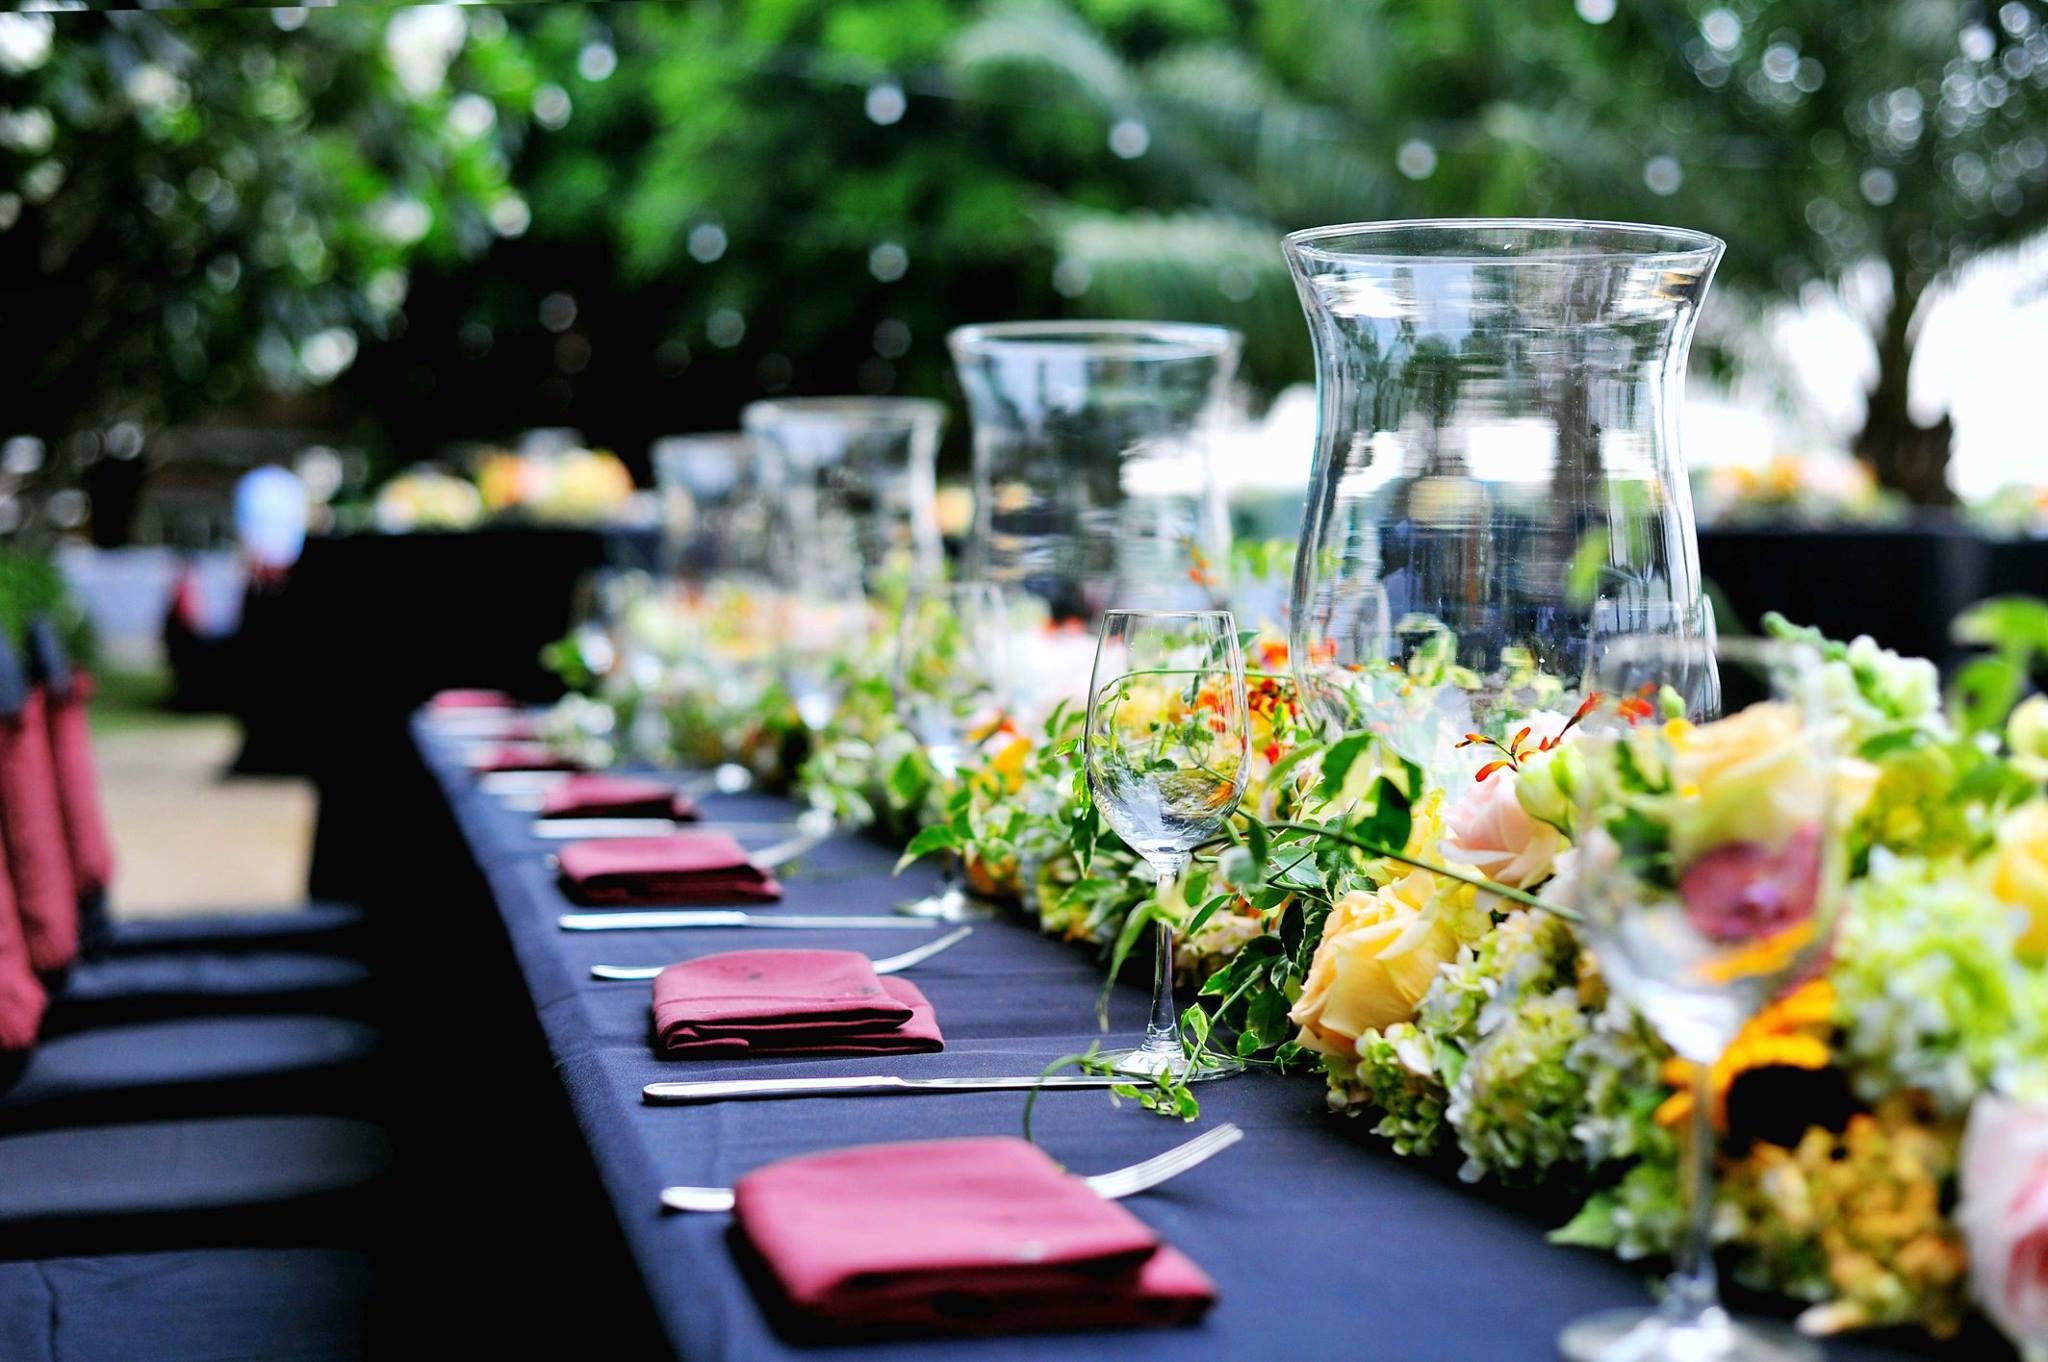 Trang trí tiệc cưới tại Thảo Điền Village - tiệc cưới ngoài trời lãng mạn